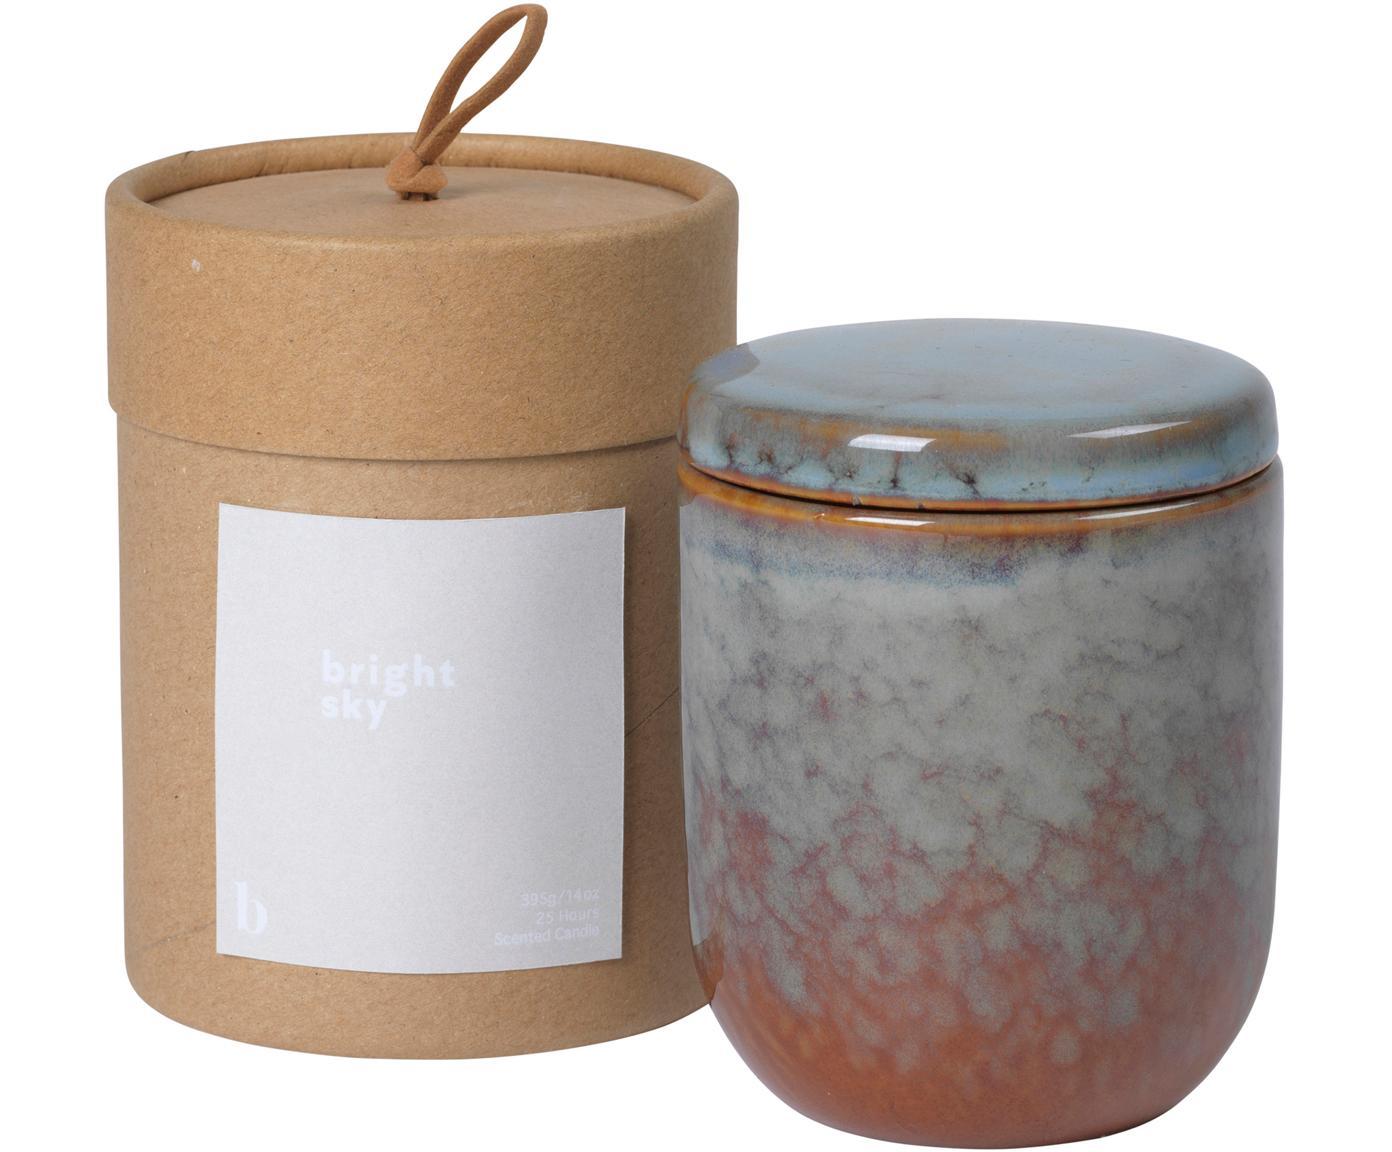 Vela perfumada Bright Sky, Recipiente: cerámica, Marrón, azul, Ø 8 x Al 9 cm